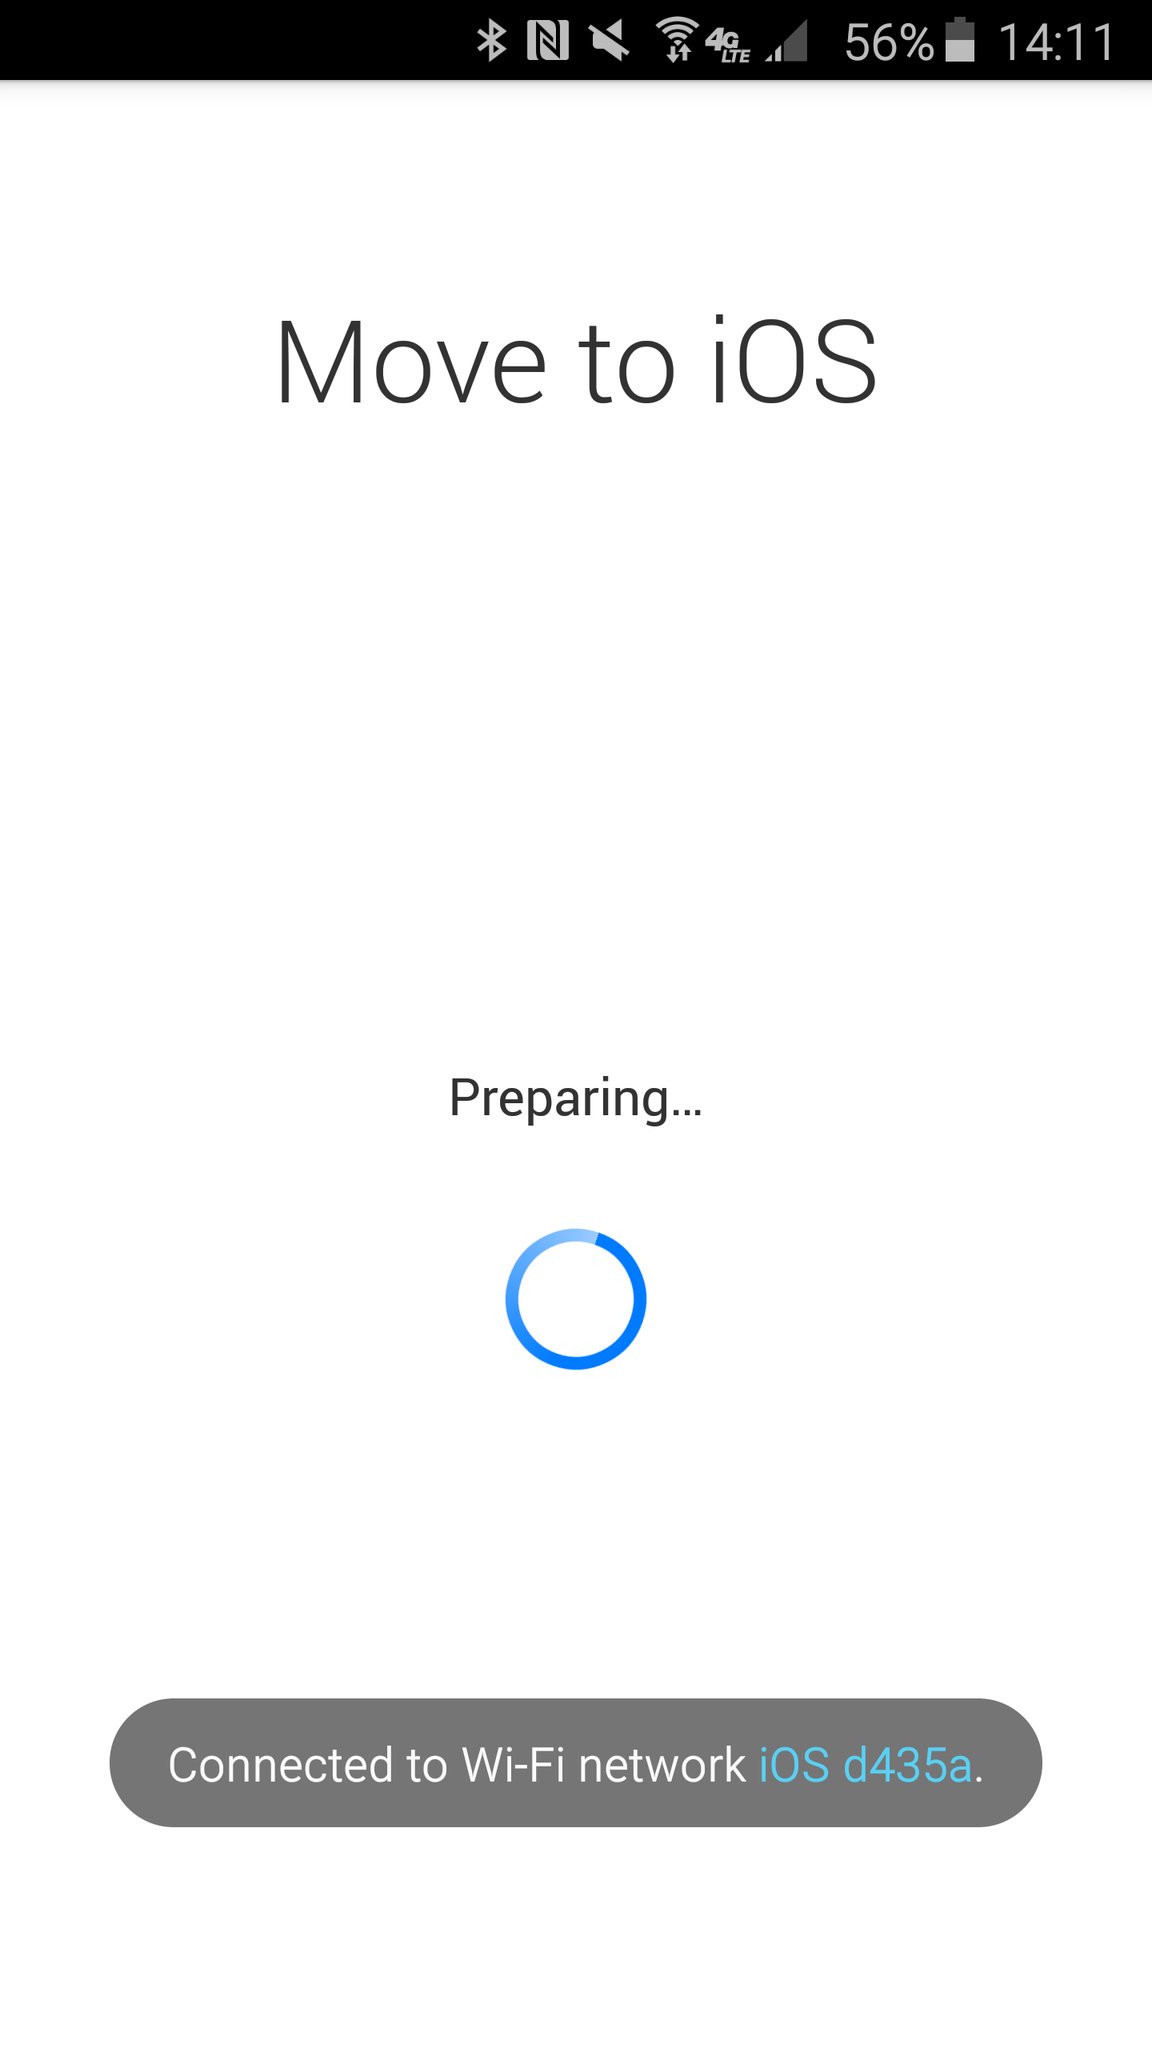 Hướng dẫn chi tiết cách chuyển dữ liệu từ Android sang iPhone và iPad